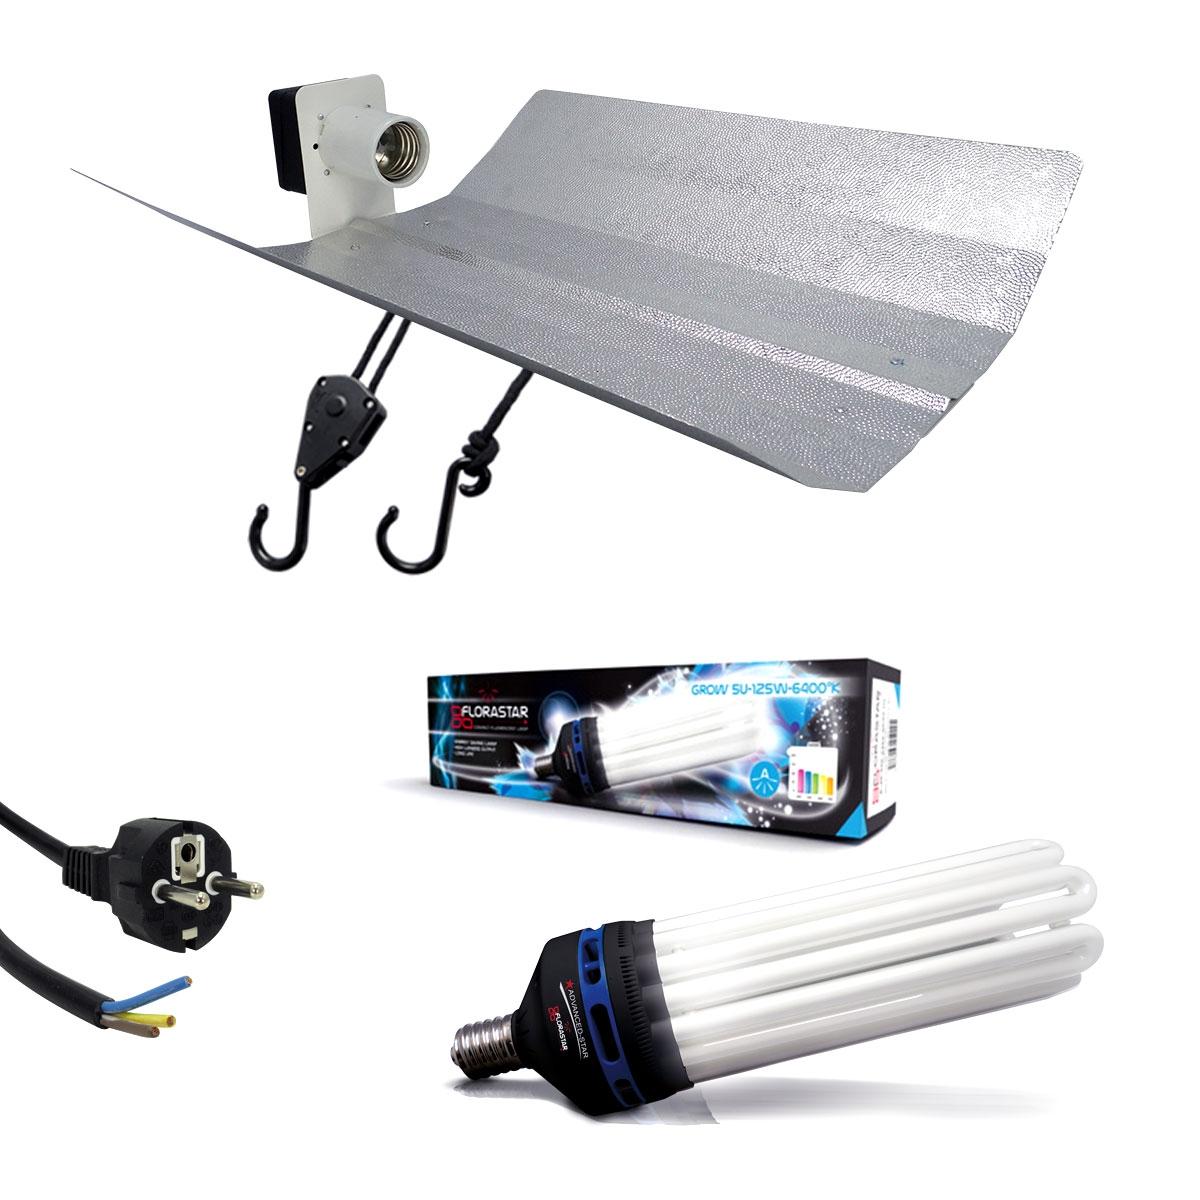 kit ampoule cfl125 w croissance 6400 k et r flecteur. Black Bedroom Furniture Sets. Home Design Ideas